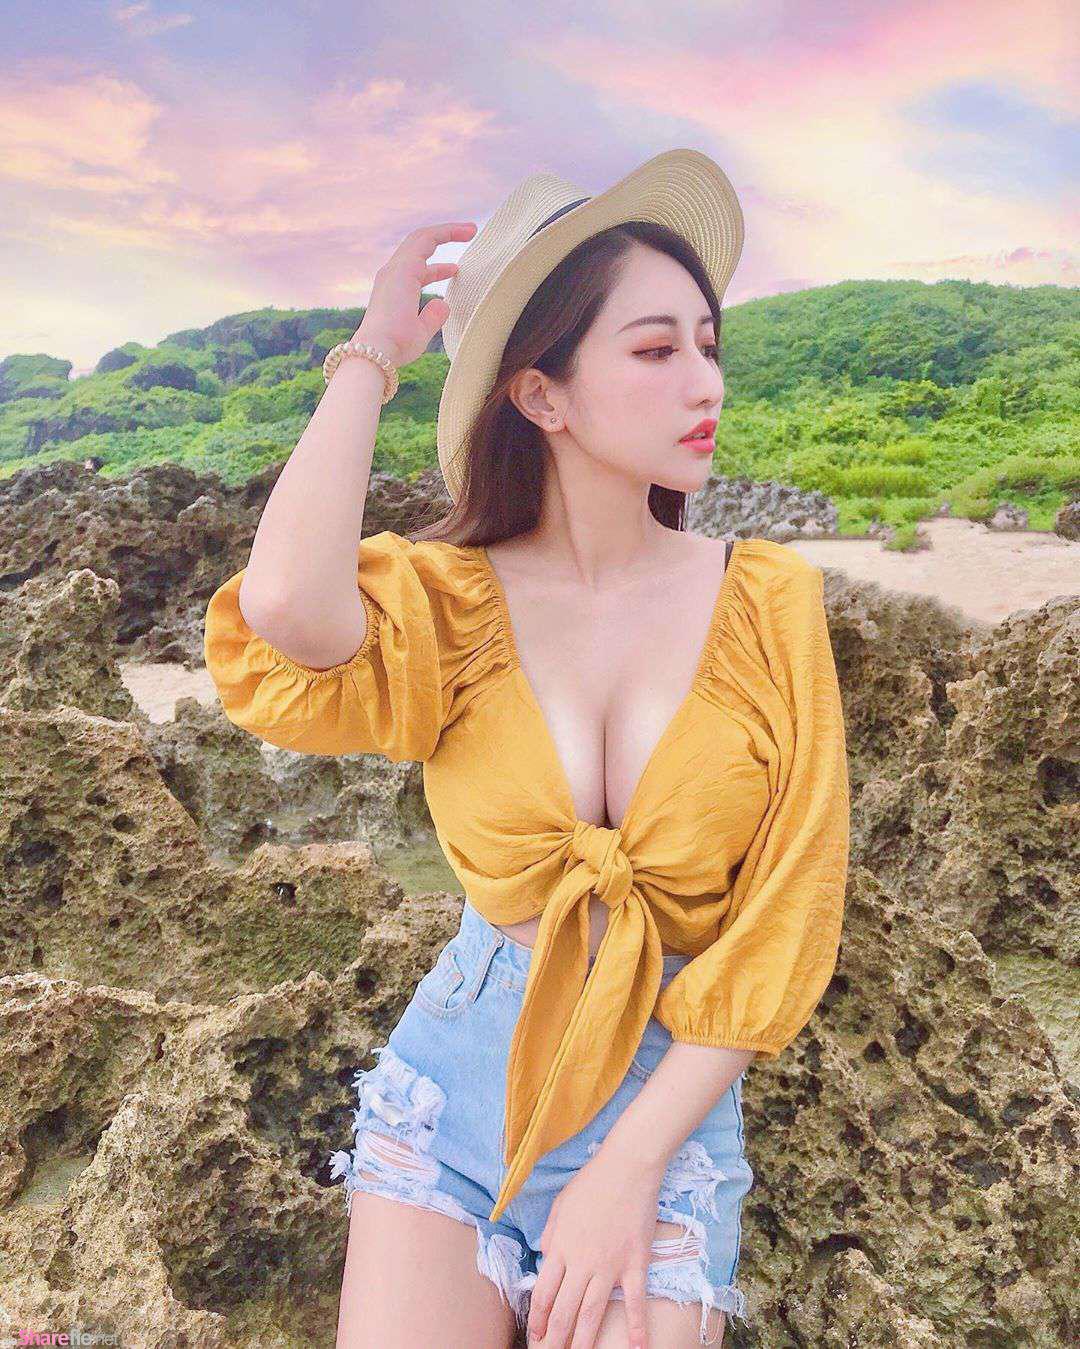 超凶正妹Wawa大秀针织泳装,网友:看妳的照片是一种享受